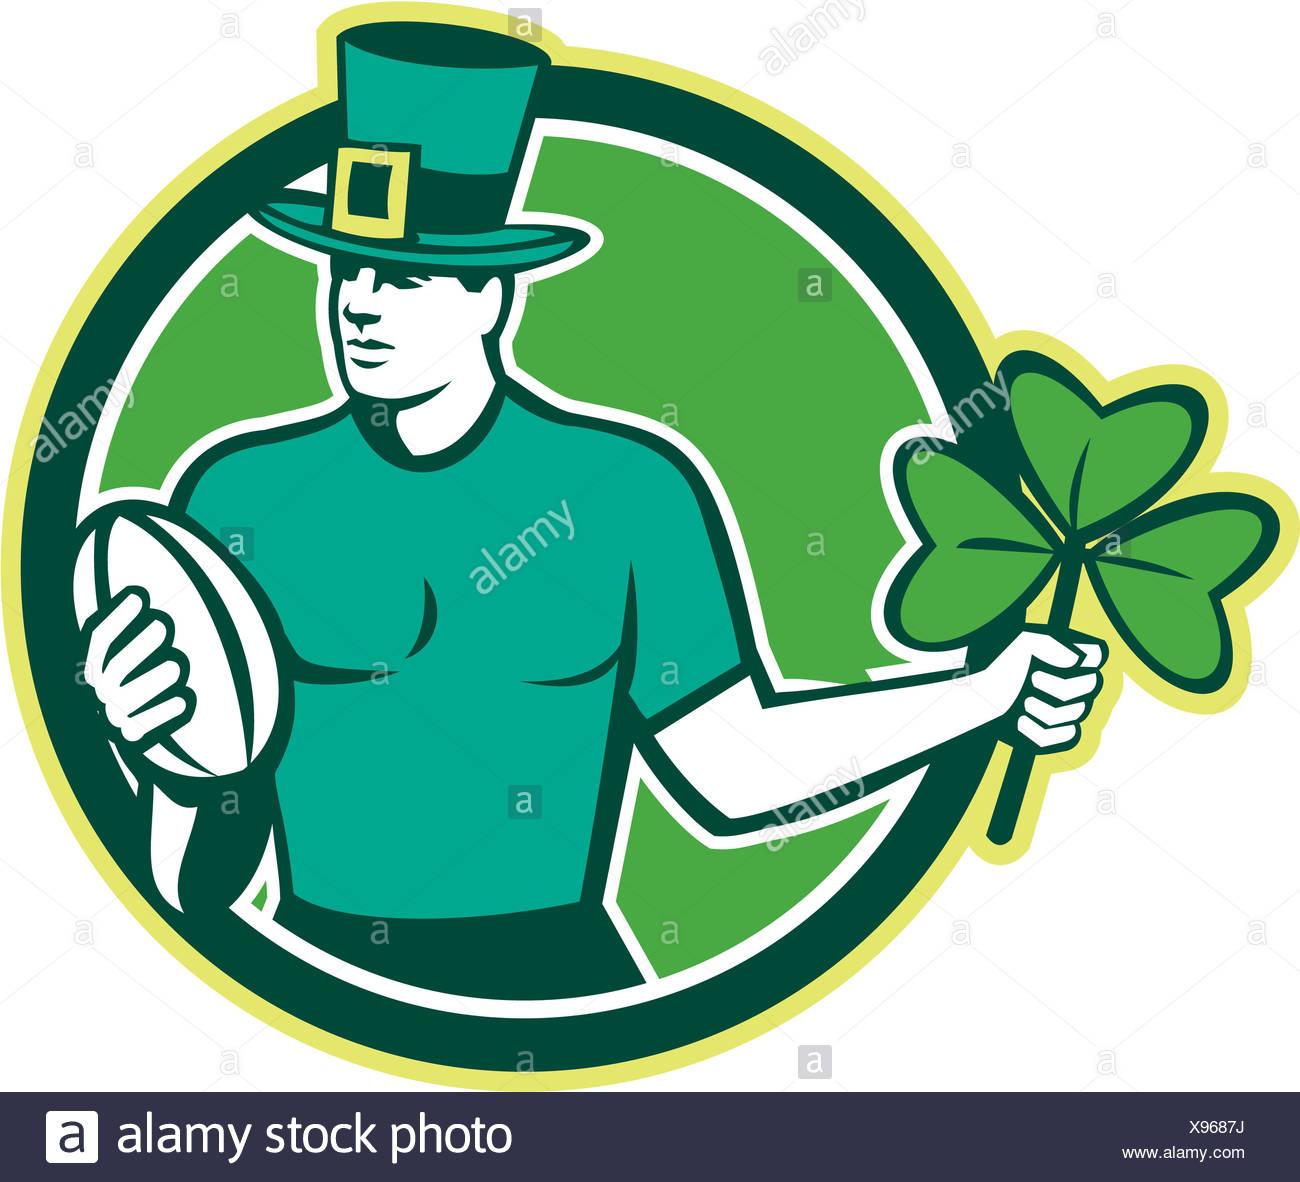 Irish Rugby Player Holding Shamrock Stock Photo 281035990 Alamy